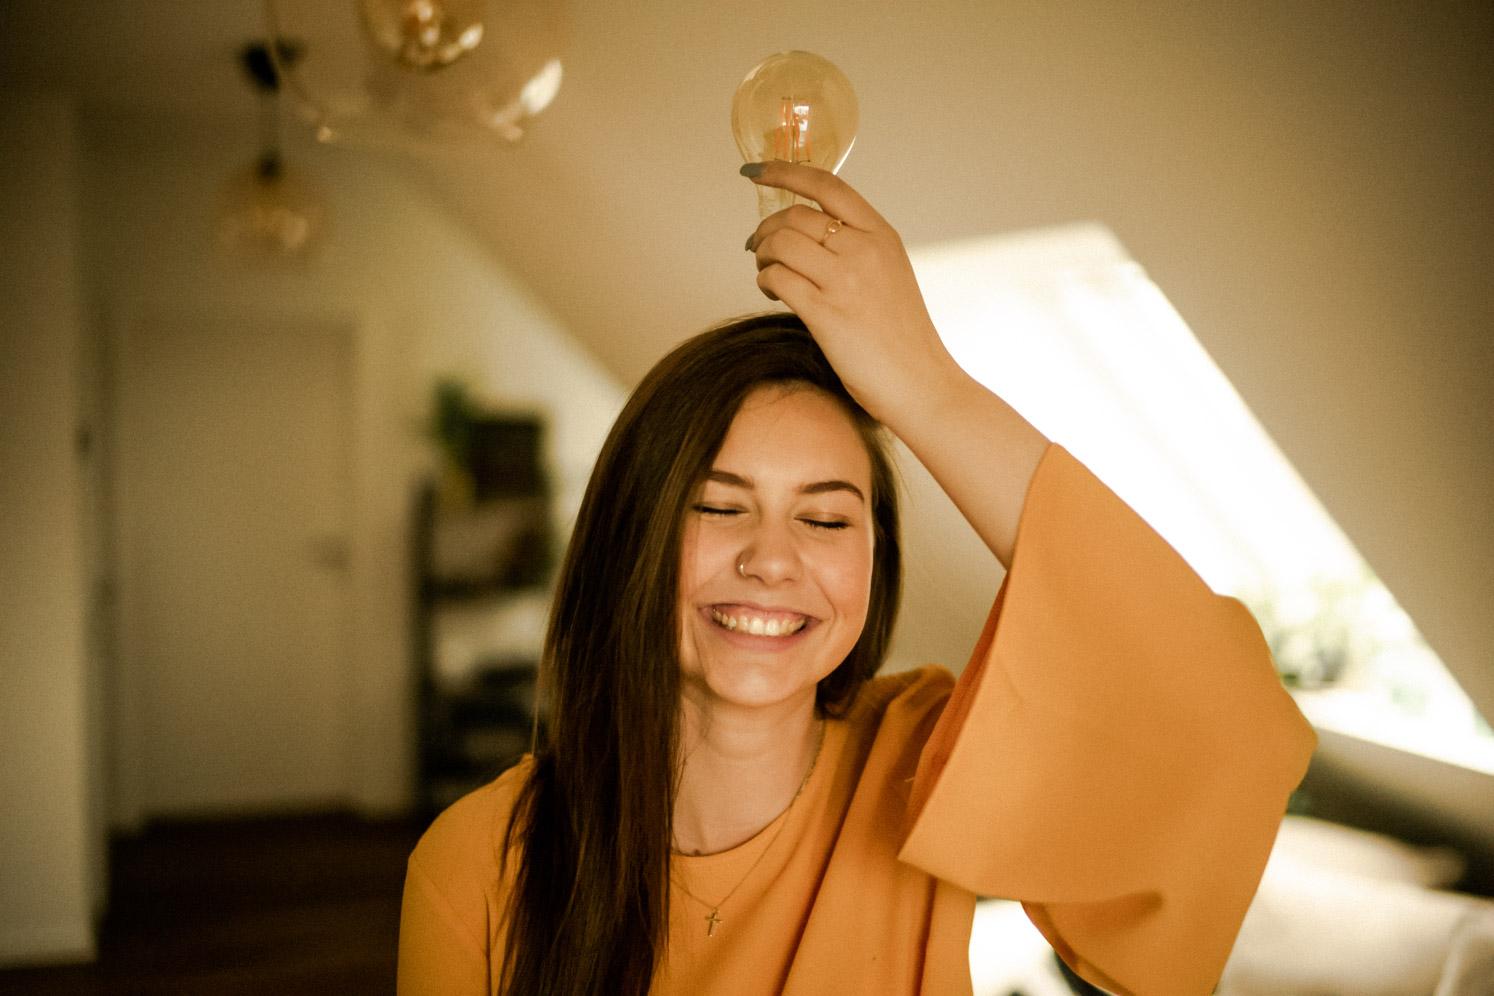 Junge Frau mit Glühbirne auf dem Kopf beim Fotoshooting